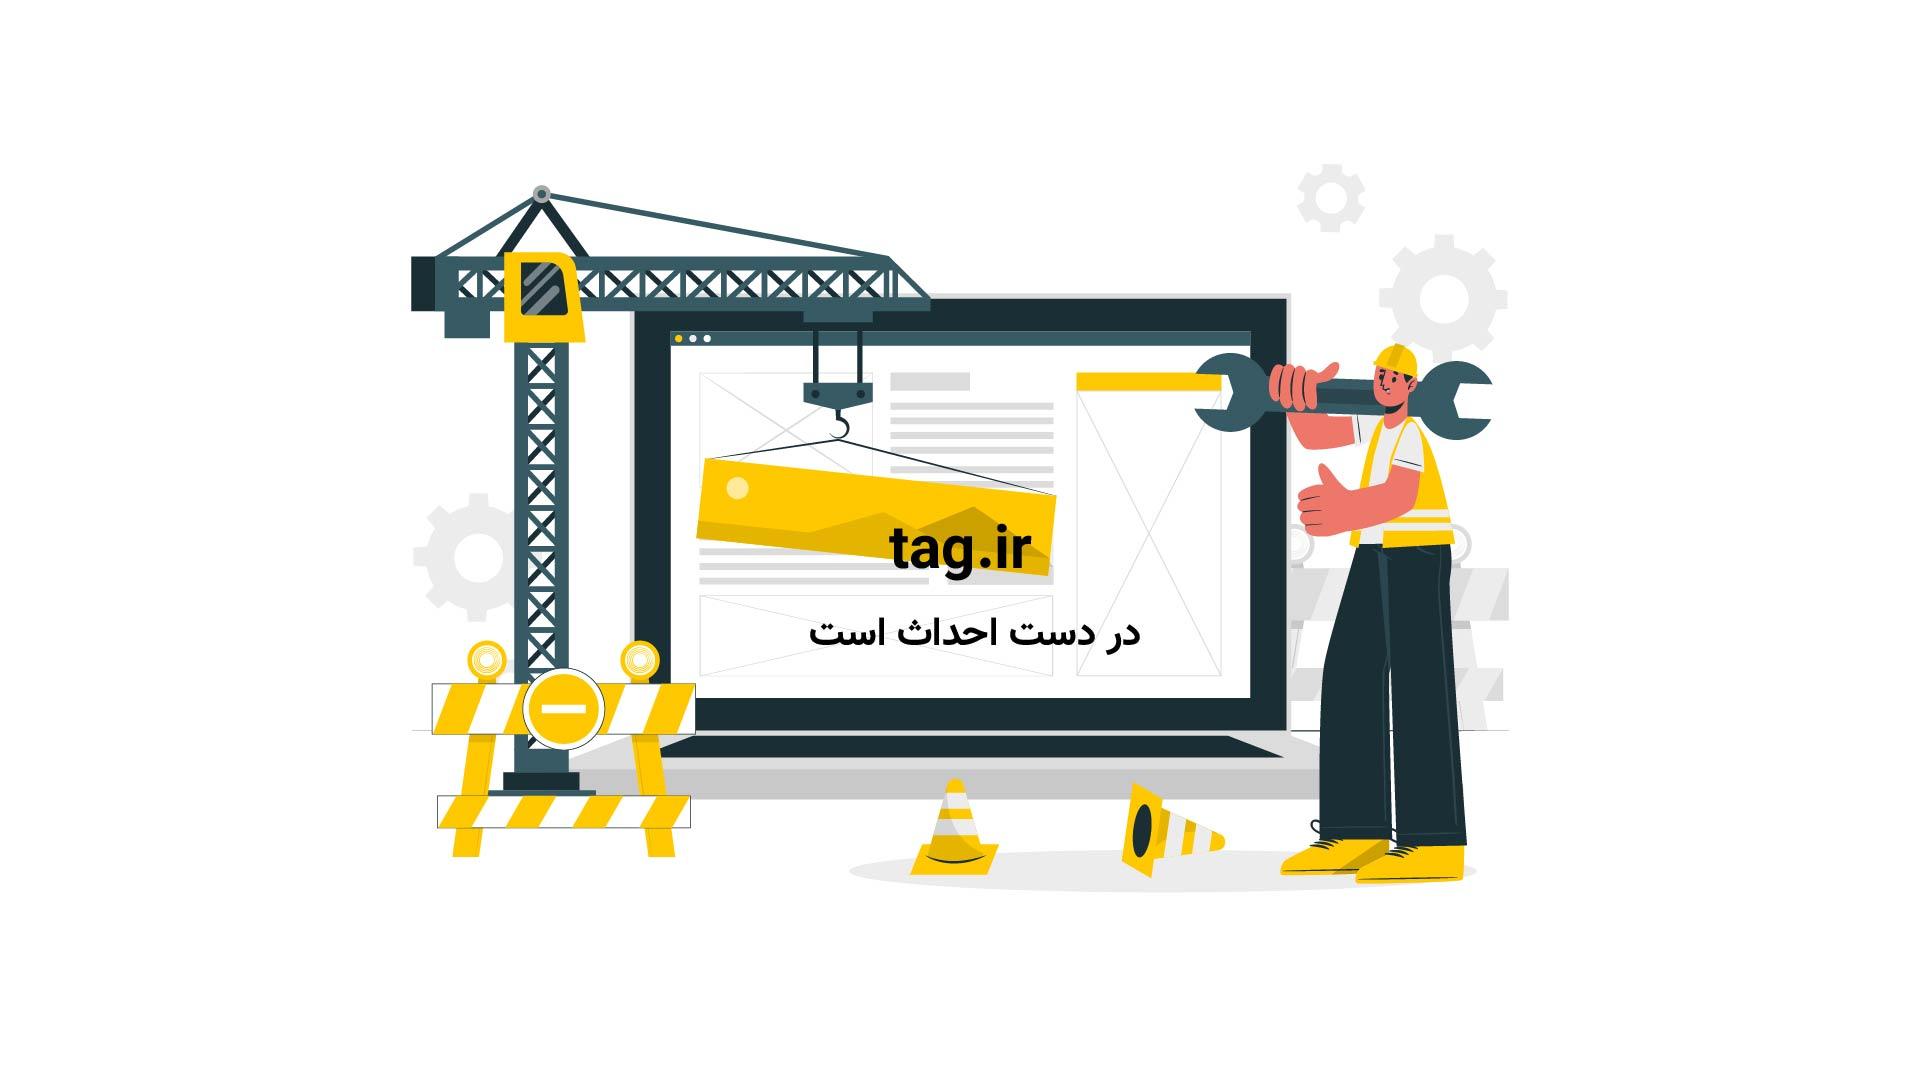 سخنرانی های تد؛ چرا کنجکاوی کلید علم و پزشکی است |فیلم